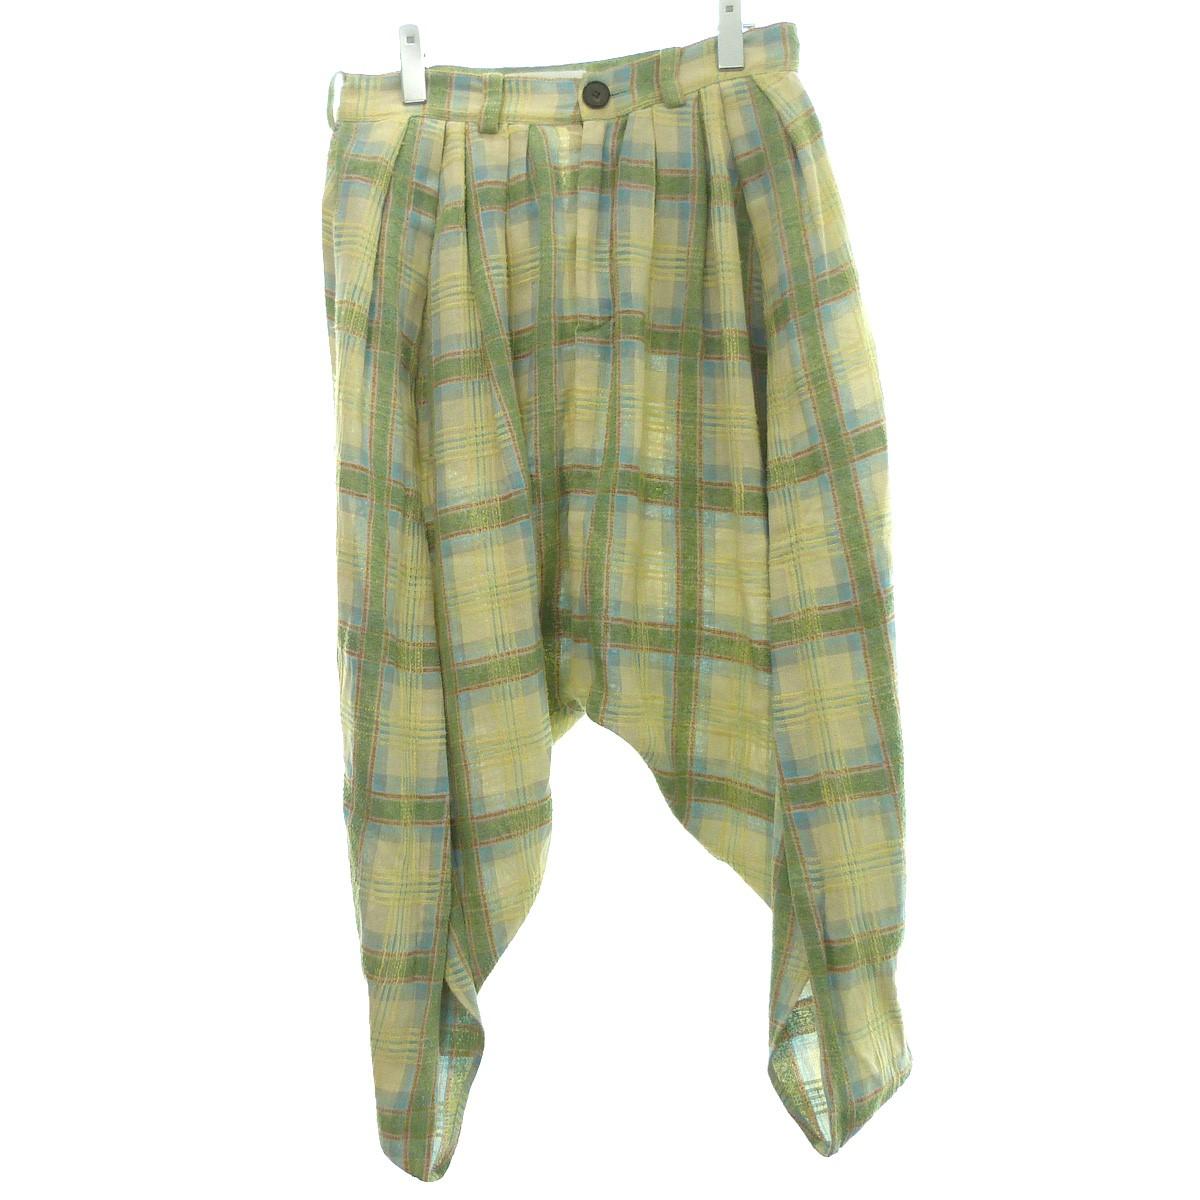 メンズファッション, ズボン・パンツ KIKO KOSTADINOV 19SS Ganges Pleated Trouser XS 250120